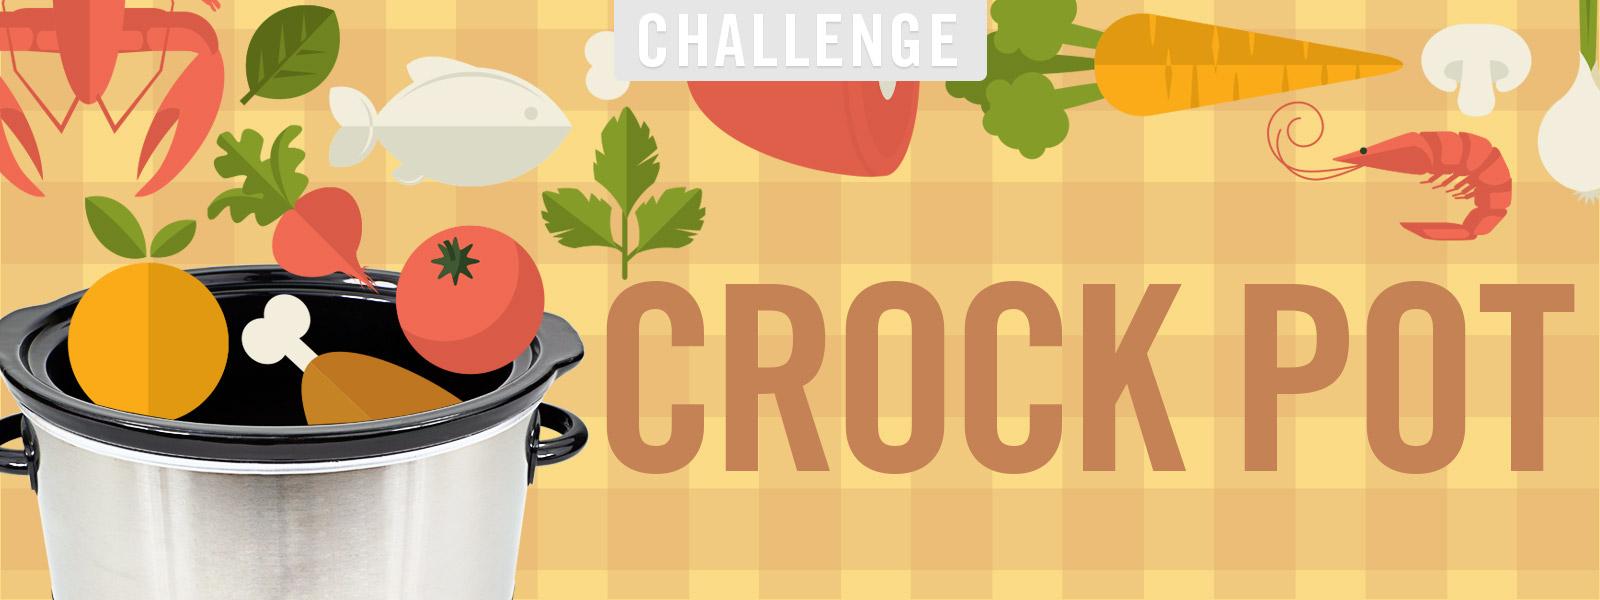 Crock Pot Throw Down